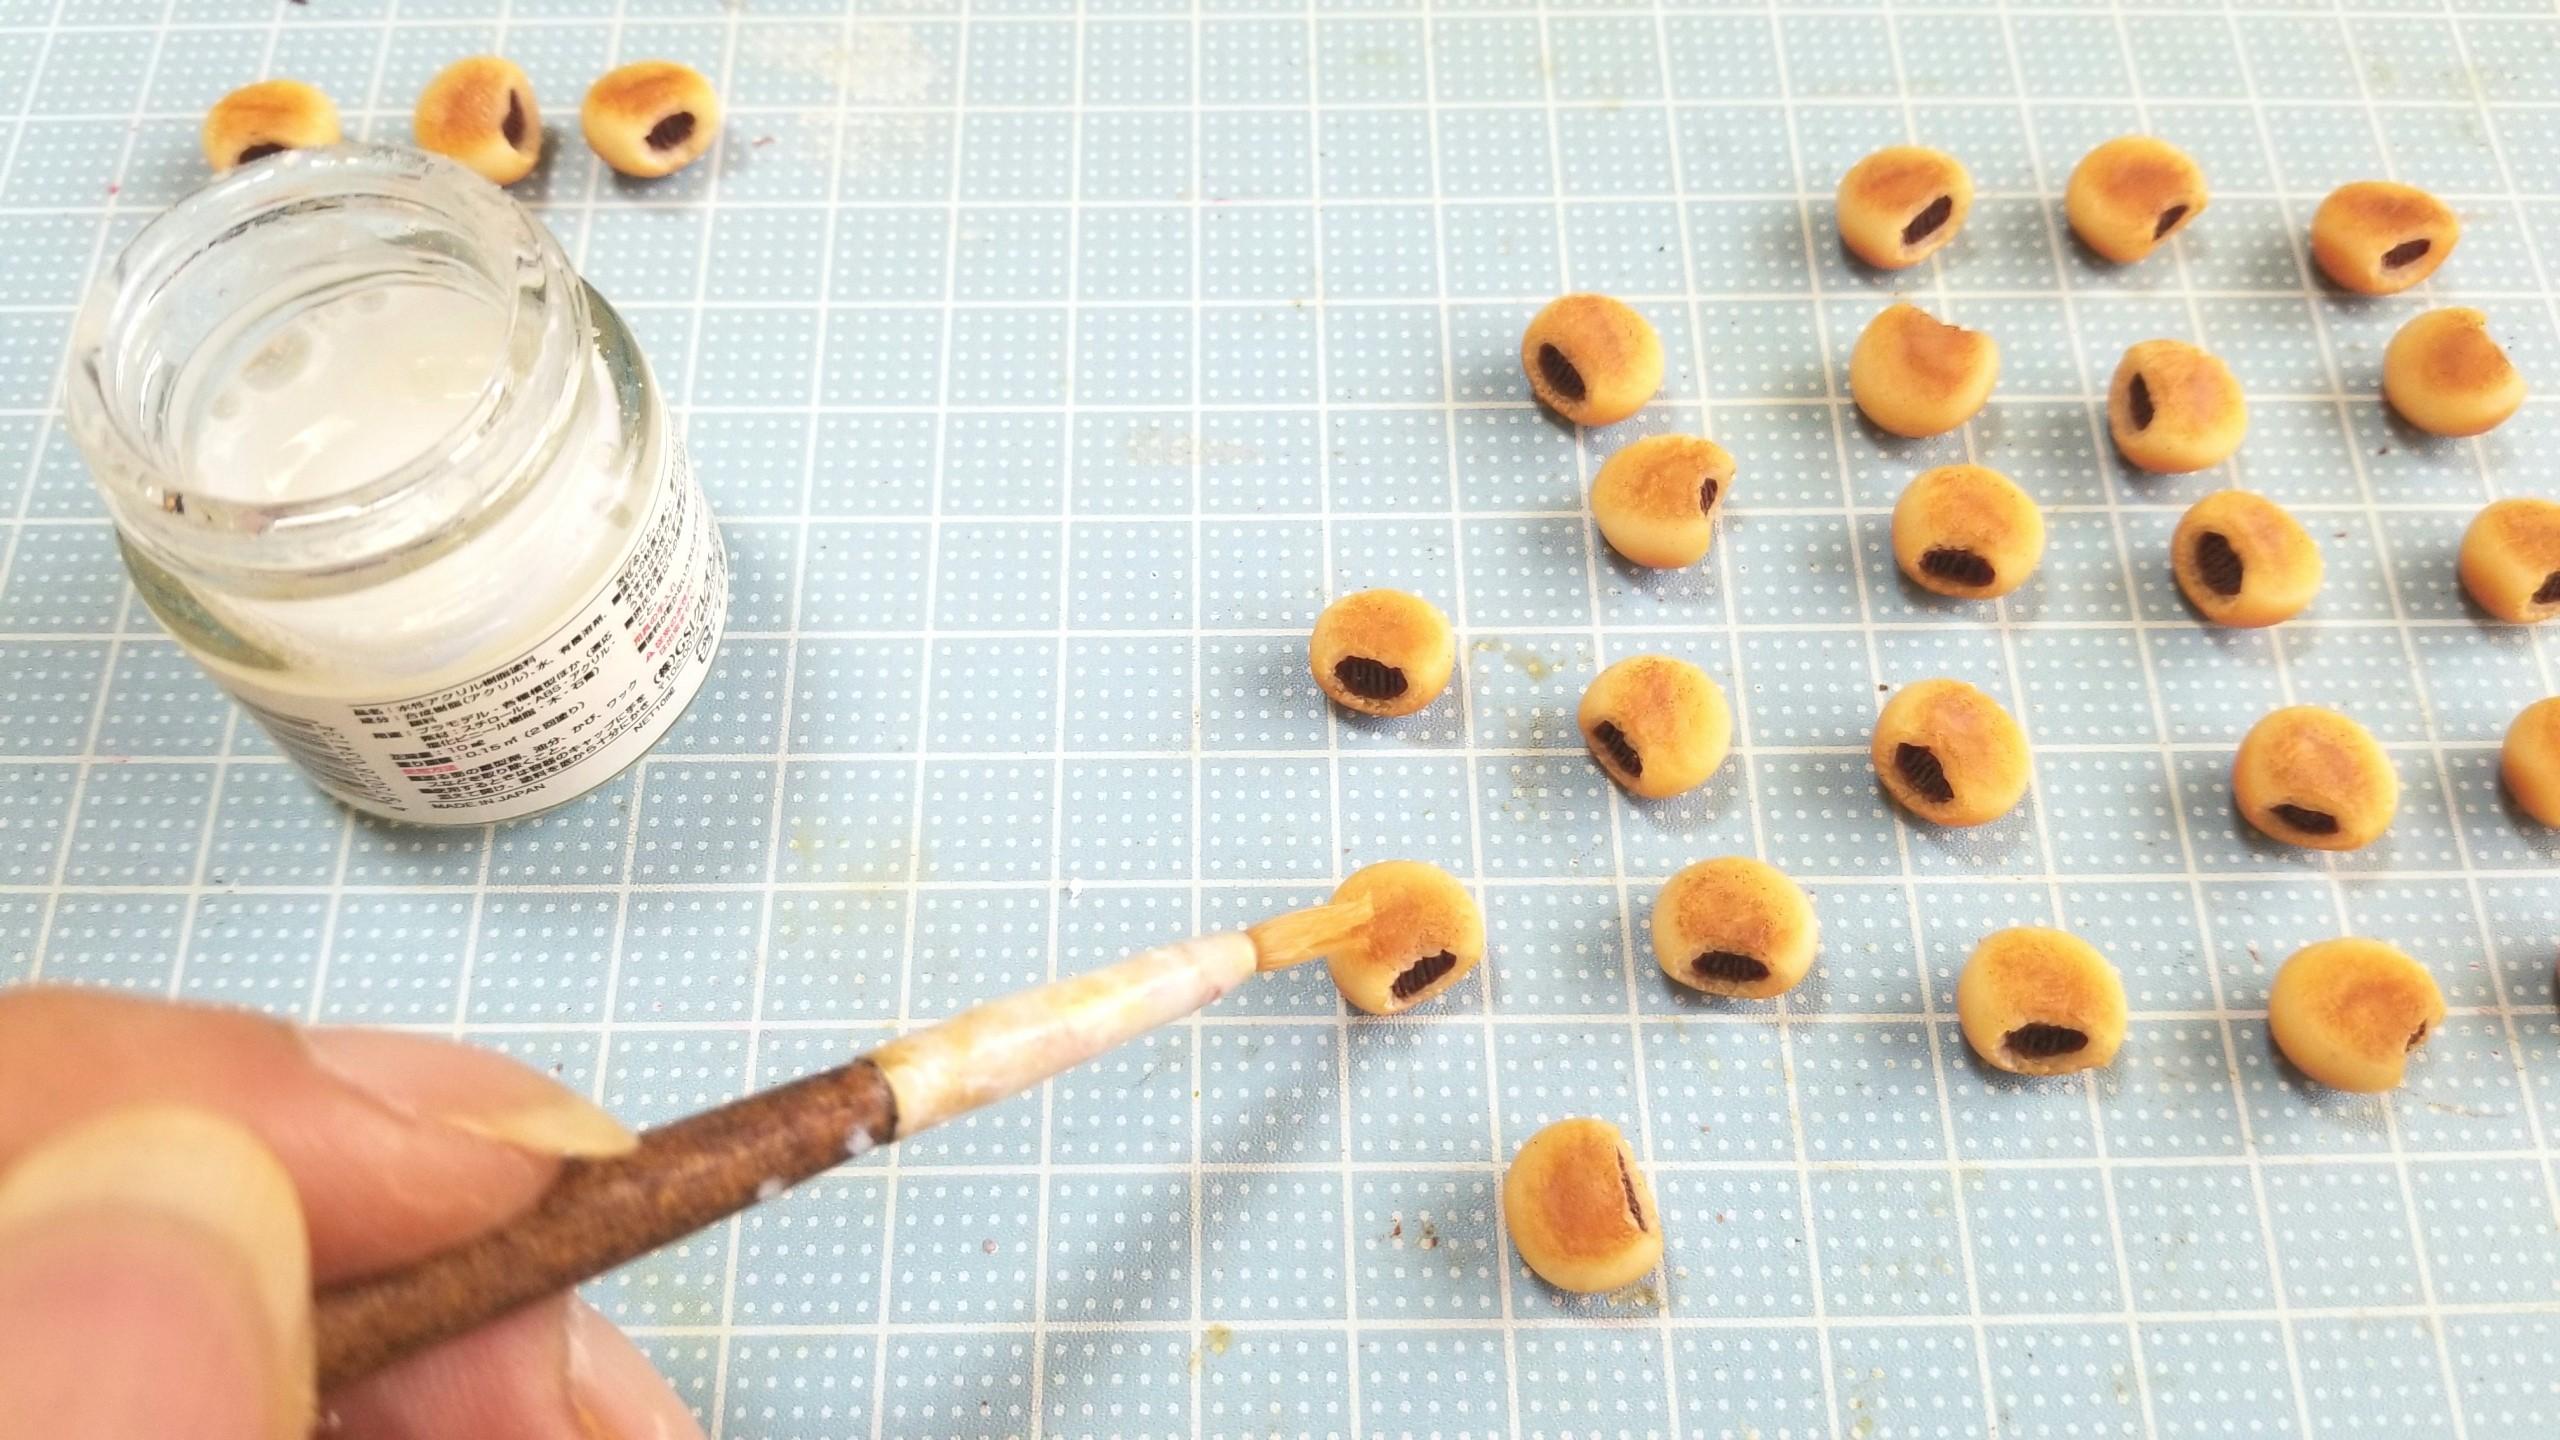 ミニチュアの作り方,あんぱん,樹脂粘土,フェイクフード,おもちゃ